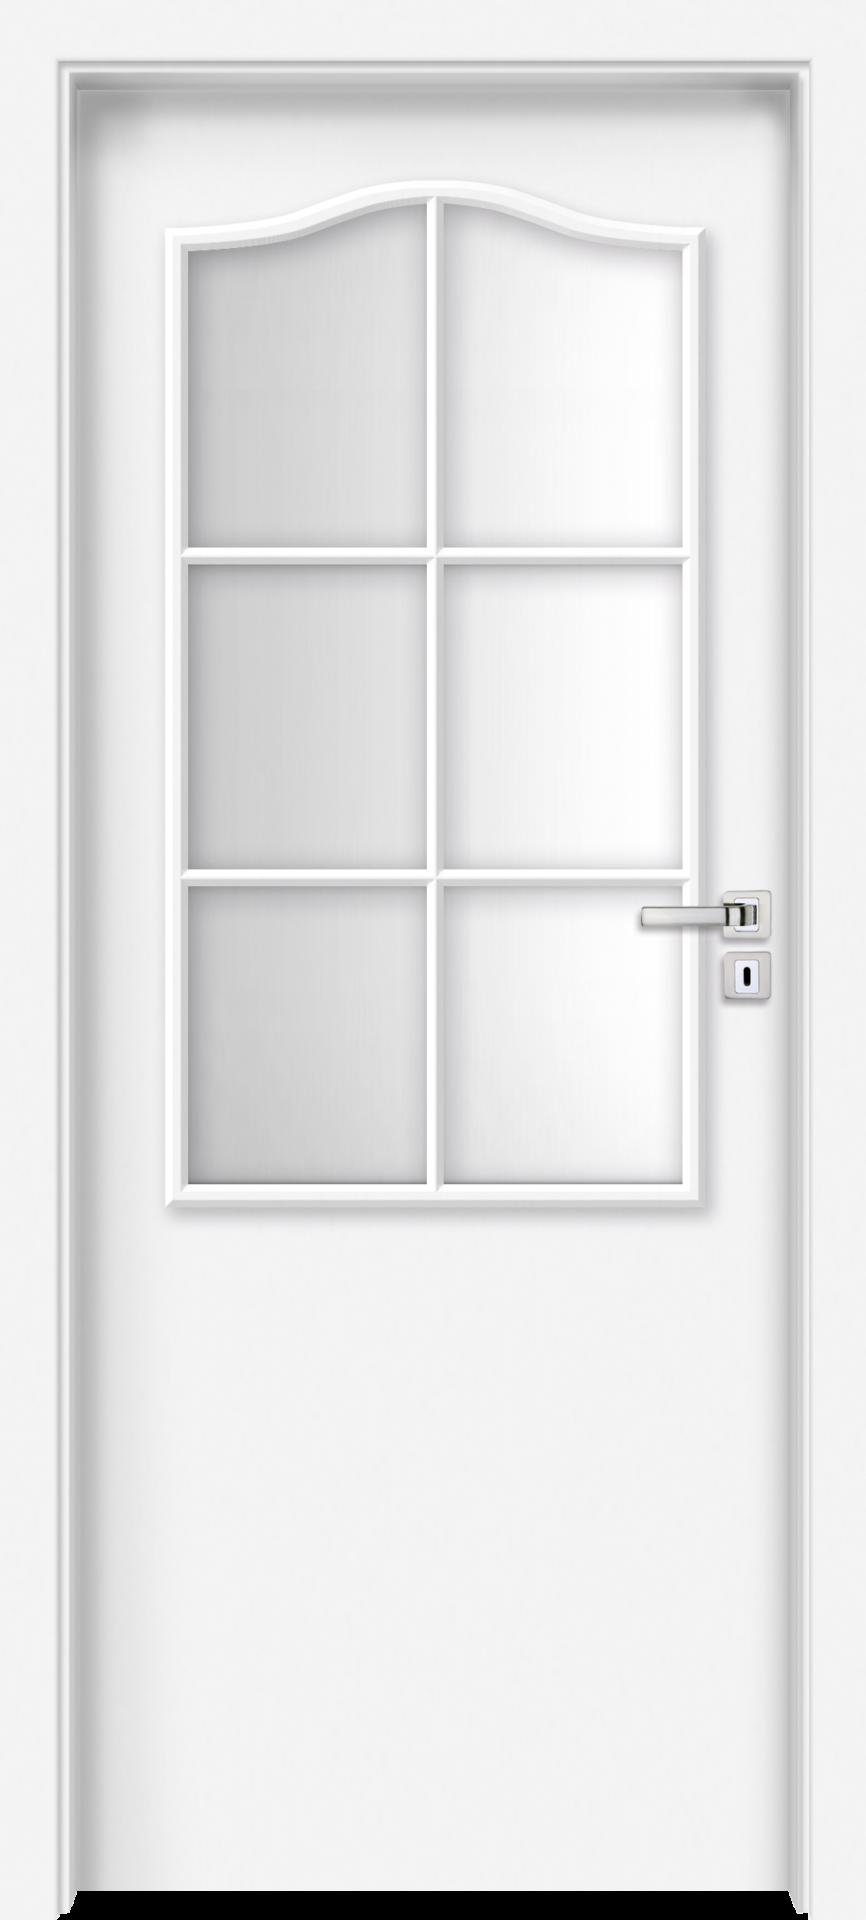 Norma Decor 2 - Biały - B490